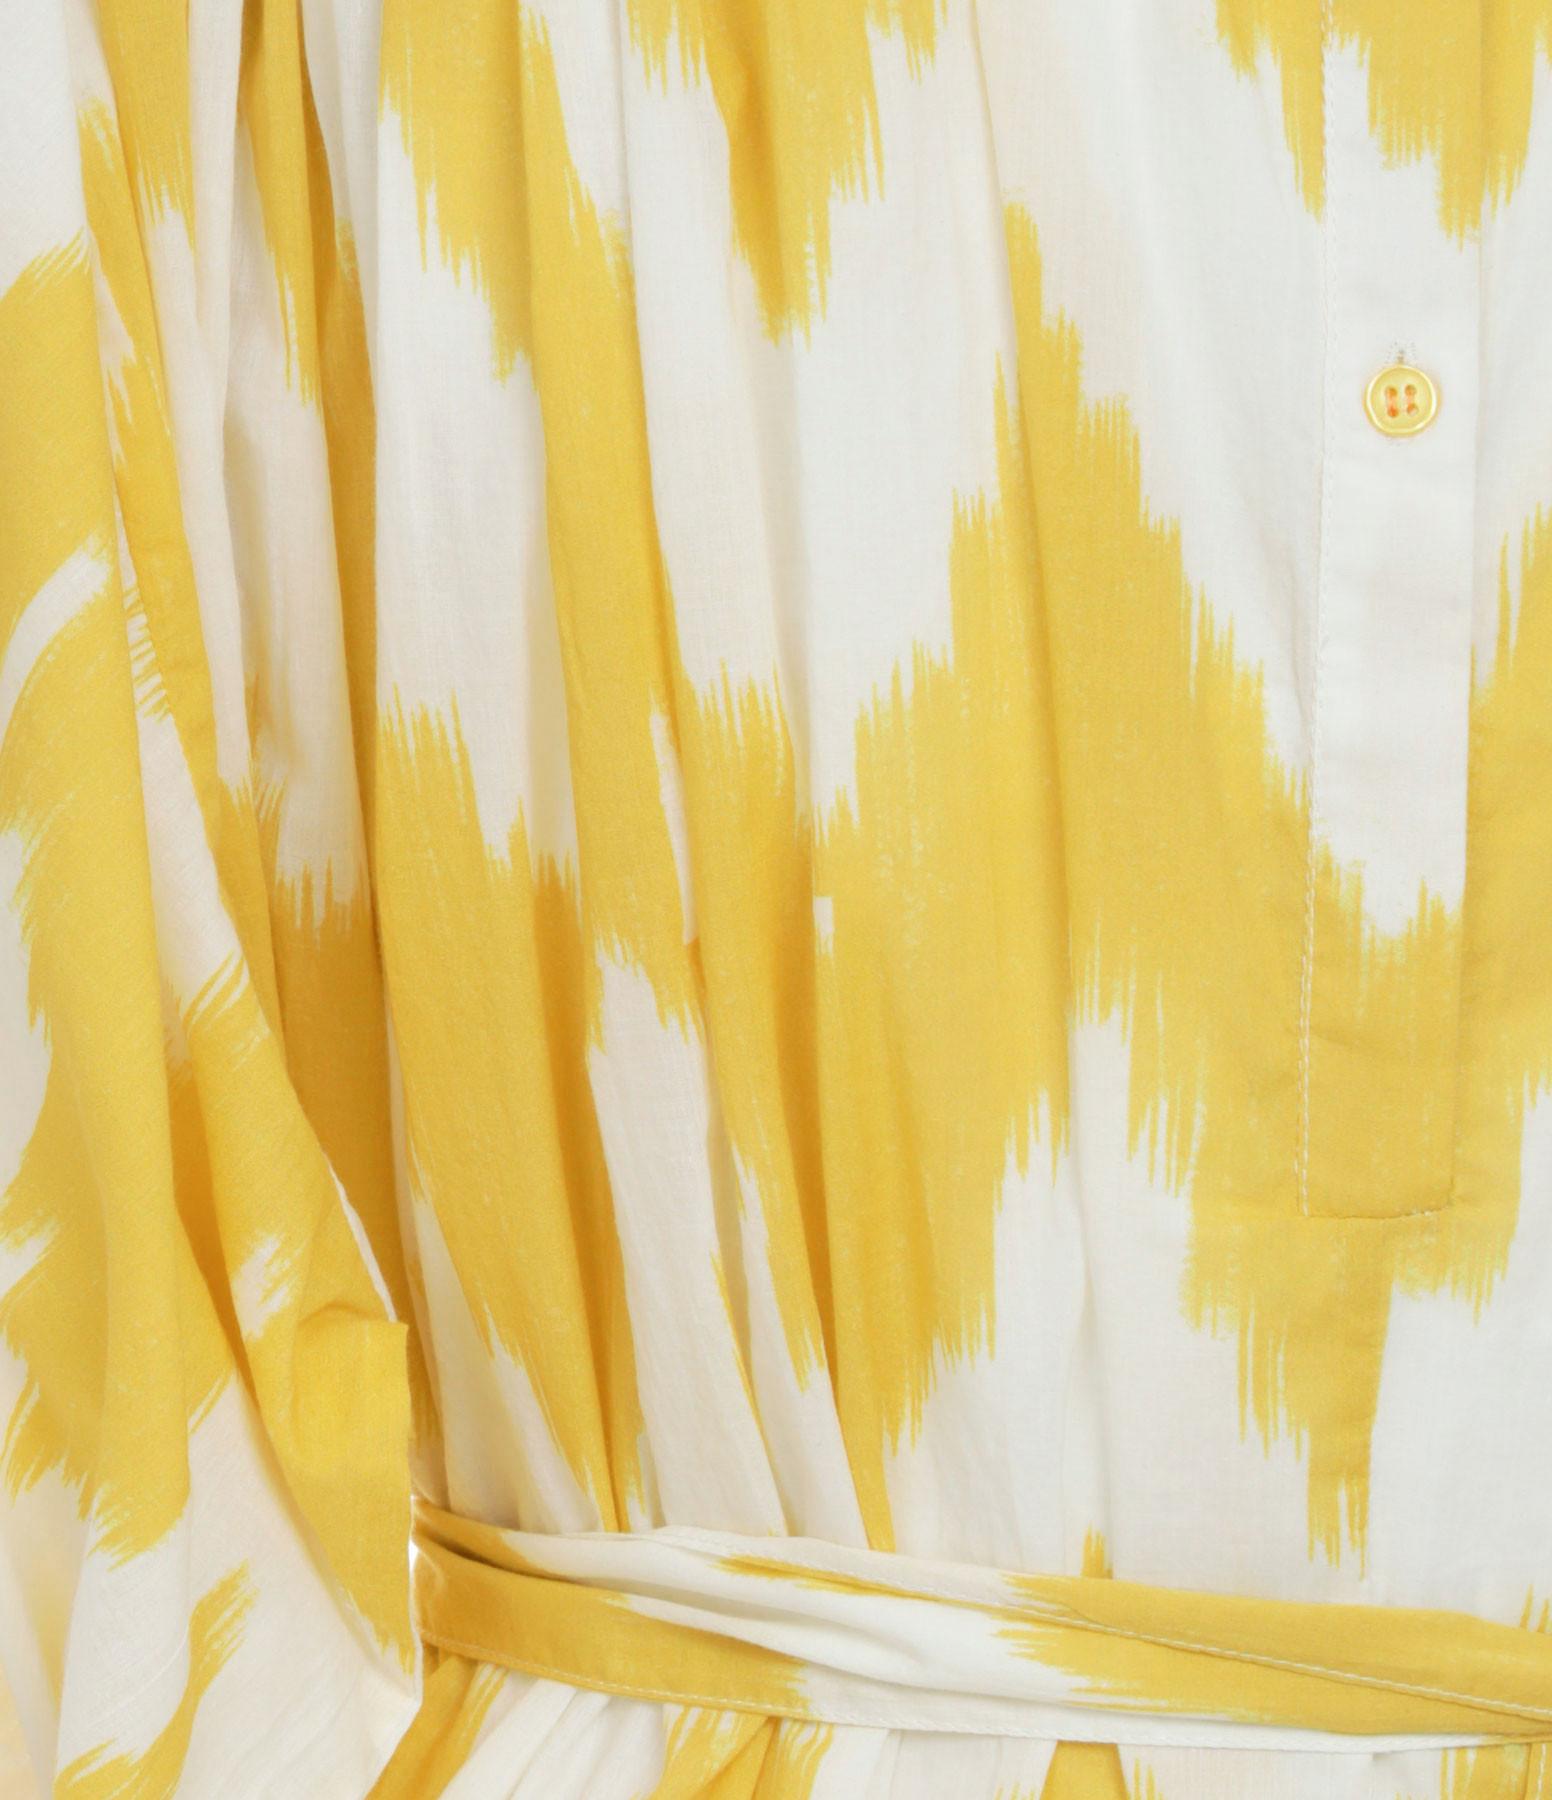 MAISON HAUSSMANN - Robe Coton Cargese Imprimé